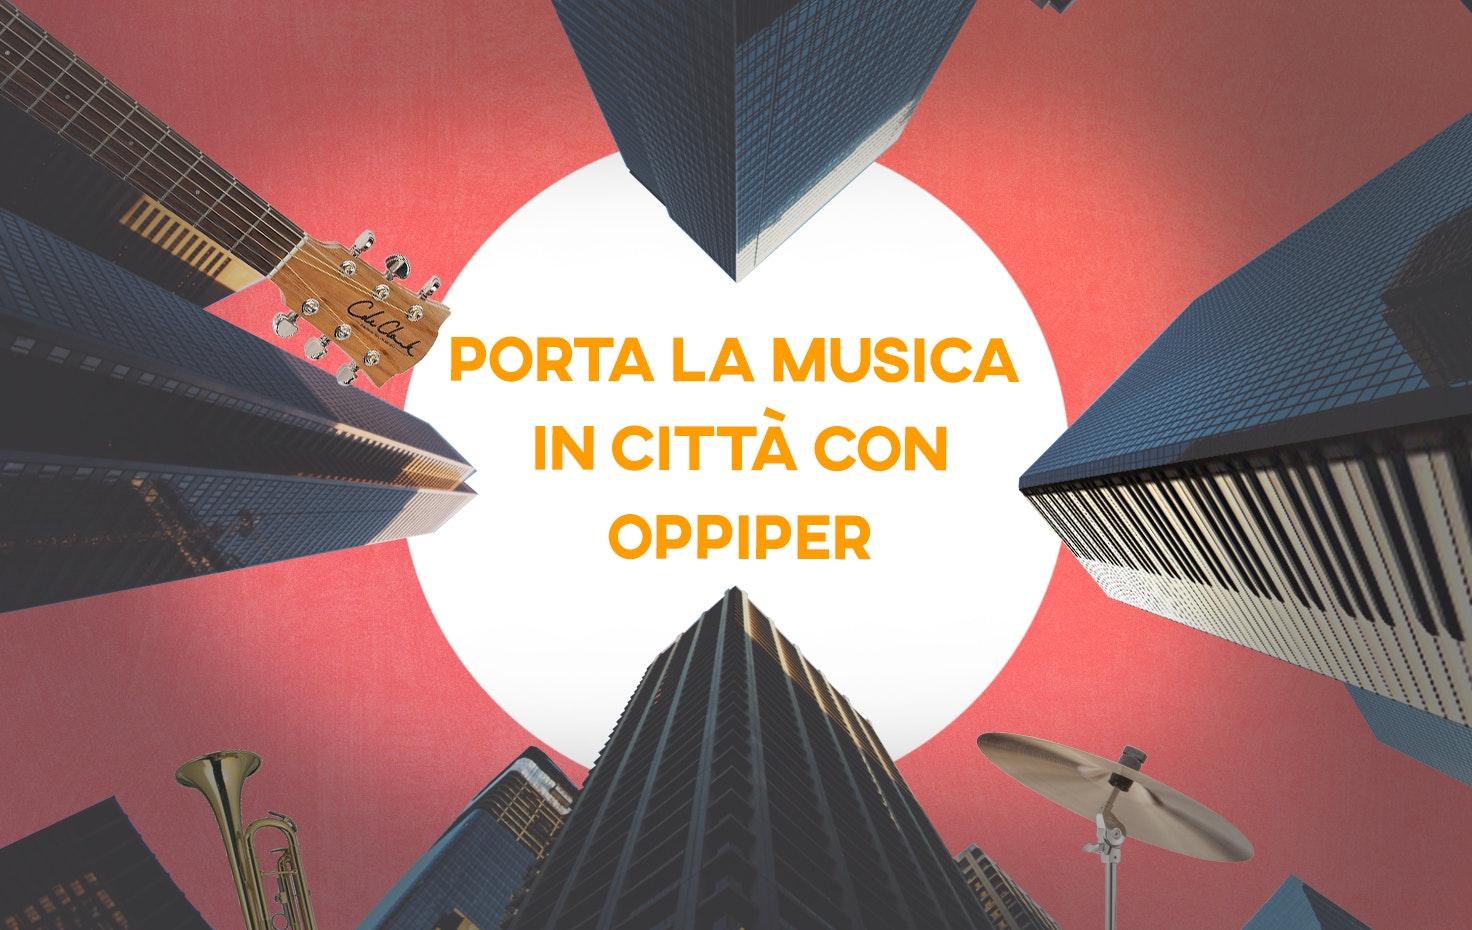 Porta la musica in città con Oppiper